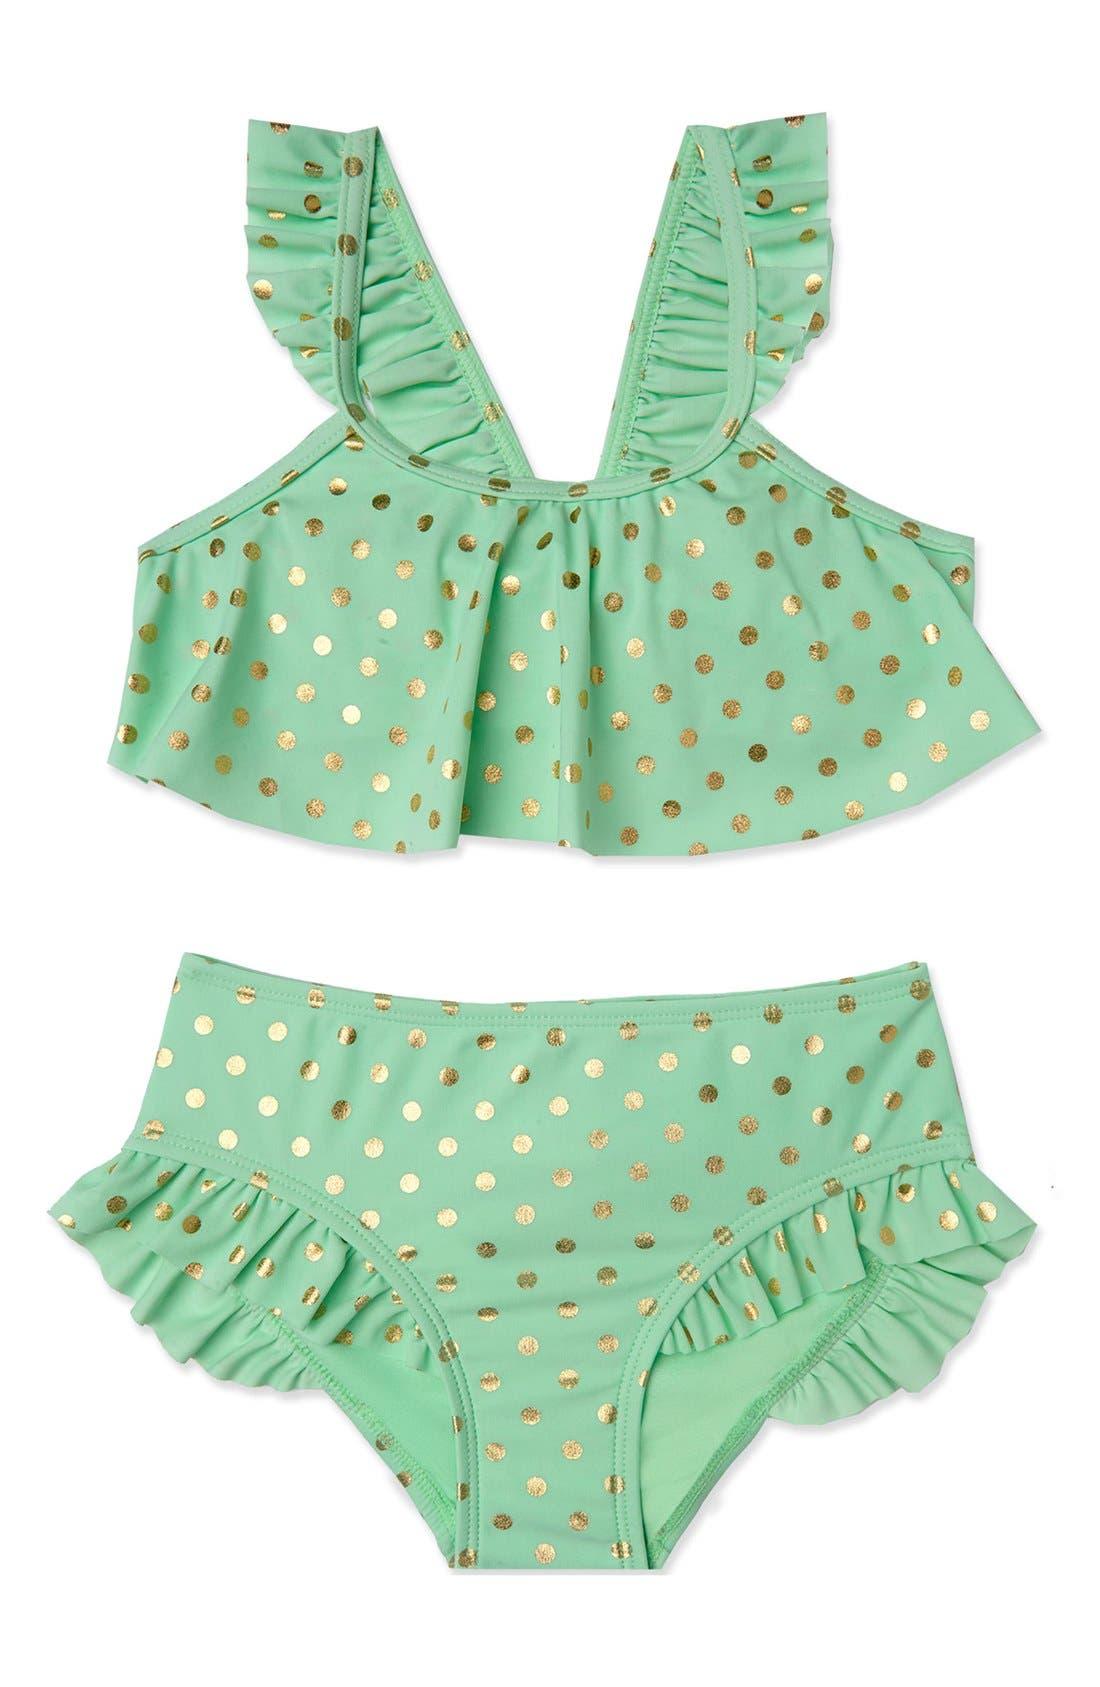 Main Image - Hula Star 'Milkshake' Two-Piece Swimsuit (Toddler Girls & Little Girls)